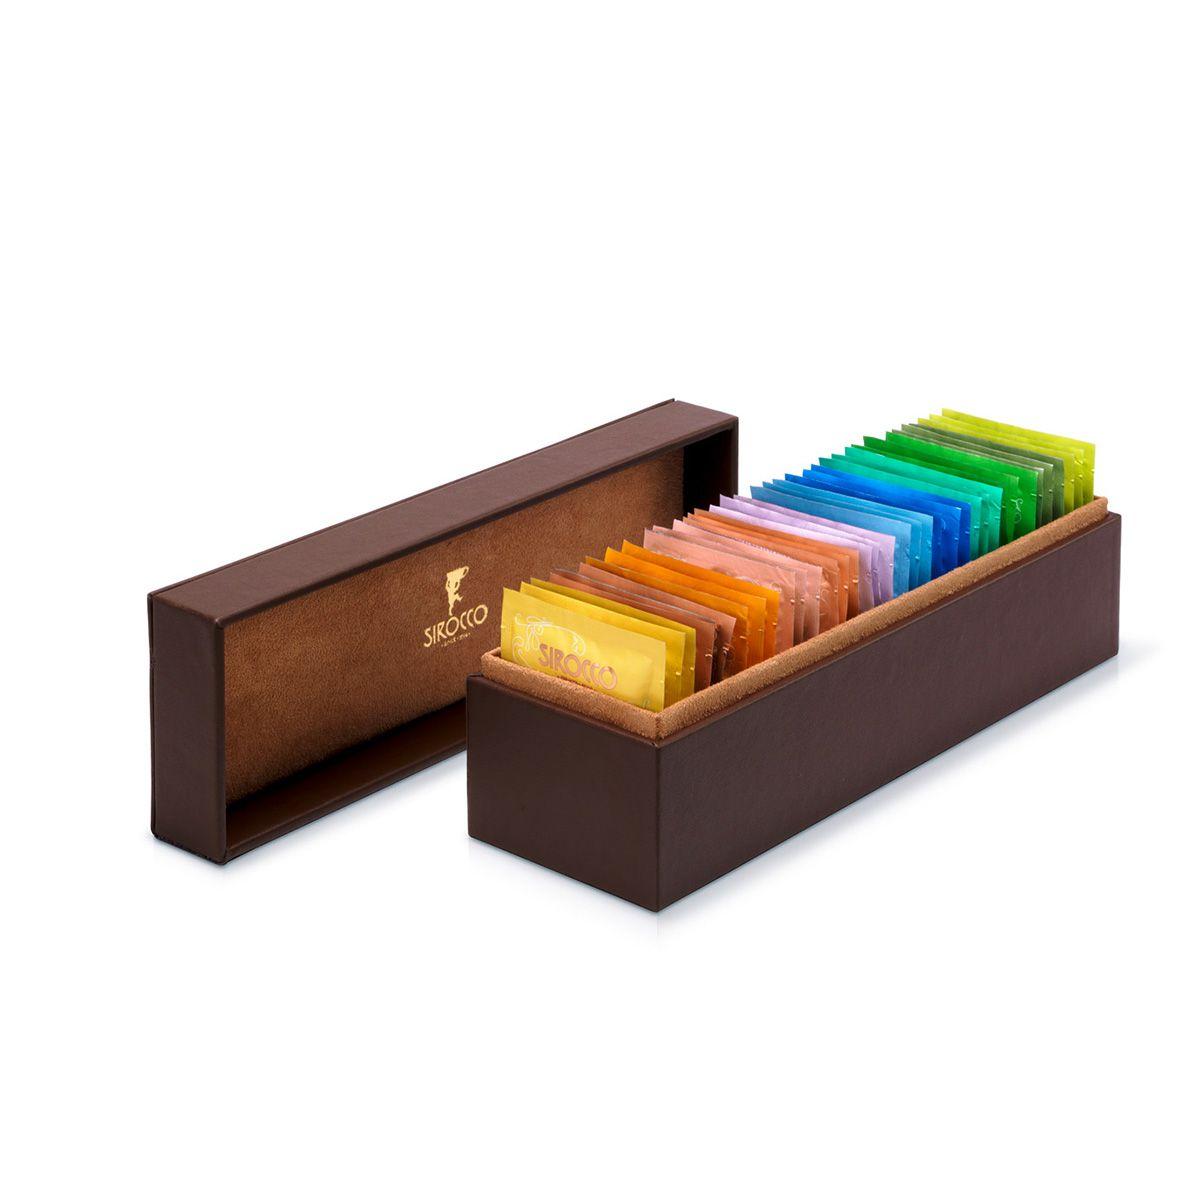 Sirocco Präsentationsbox klein aus Kunstleder